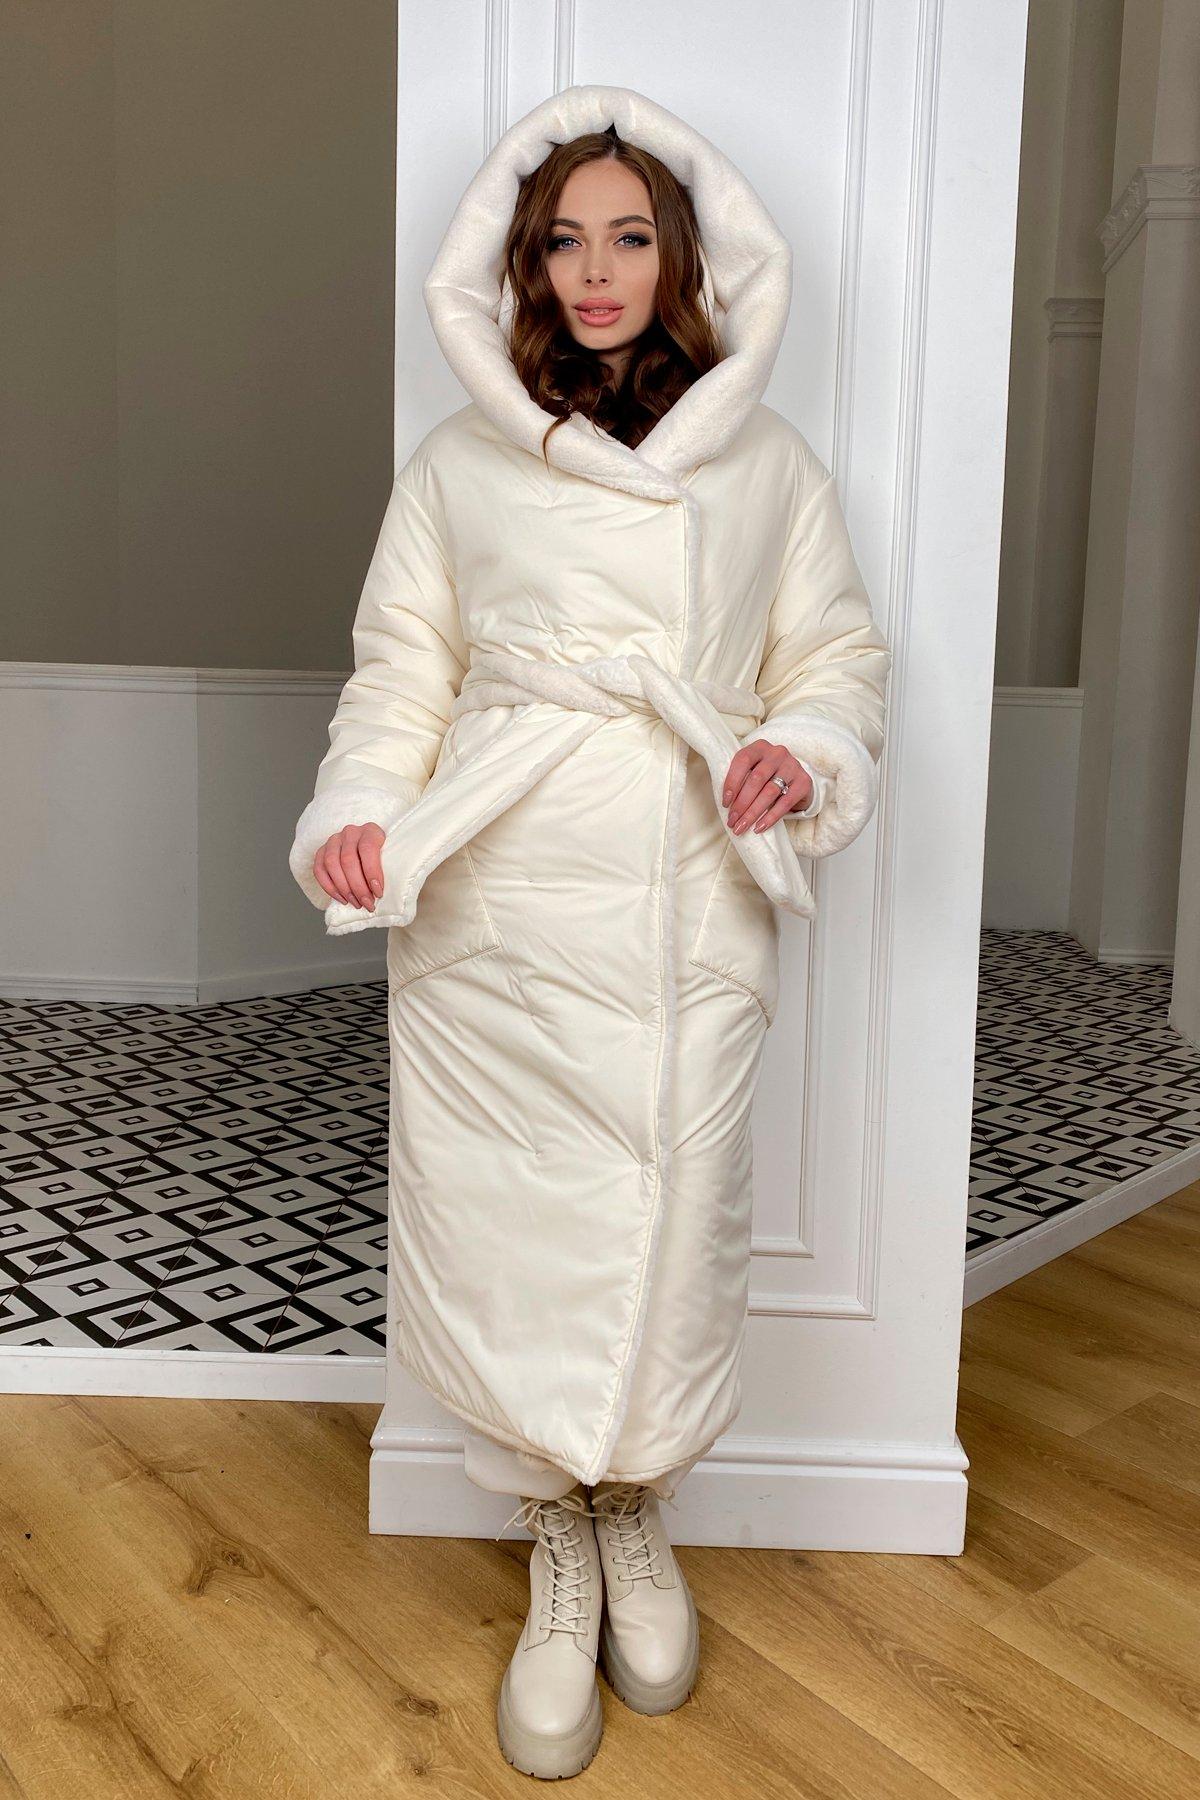 Сноу  теплое двухстороннее пальто из  еко меха и плотной  плащевки 9956 АРТ. 46669 Цвет: Молоко/Молоко 6 - фото 7, интернет магазин tm-modus.ru